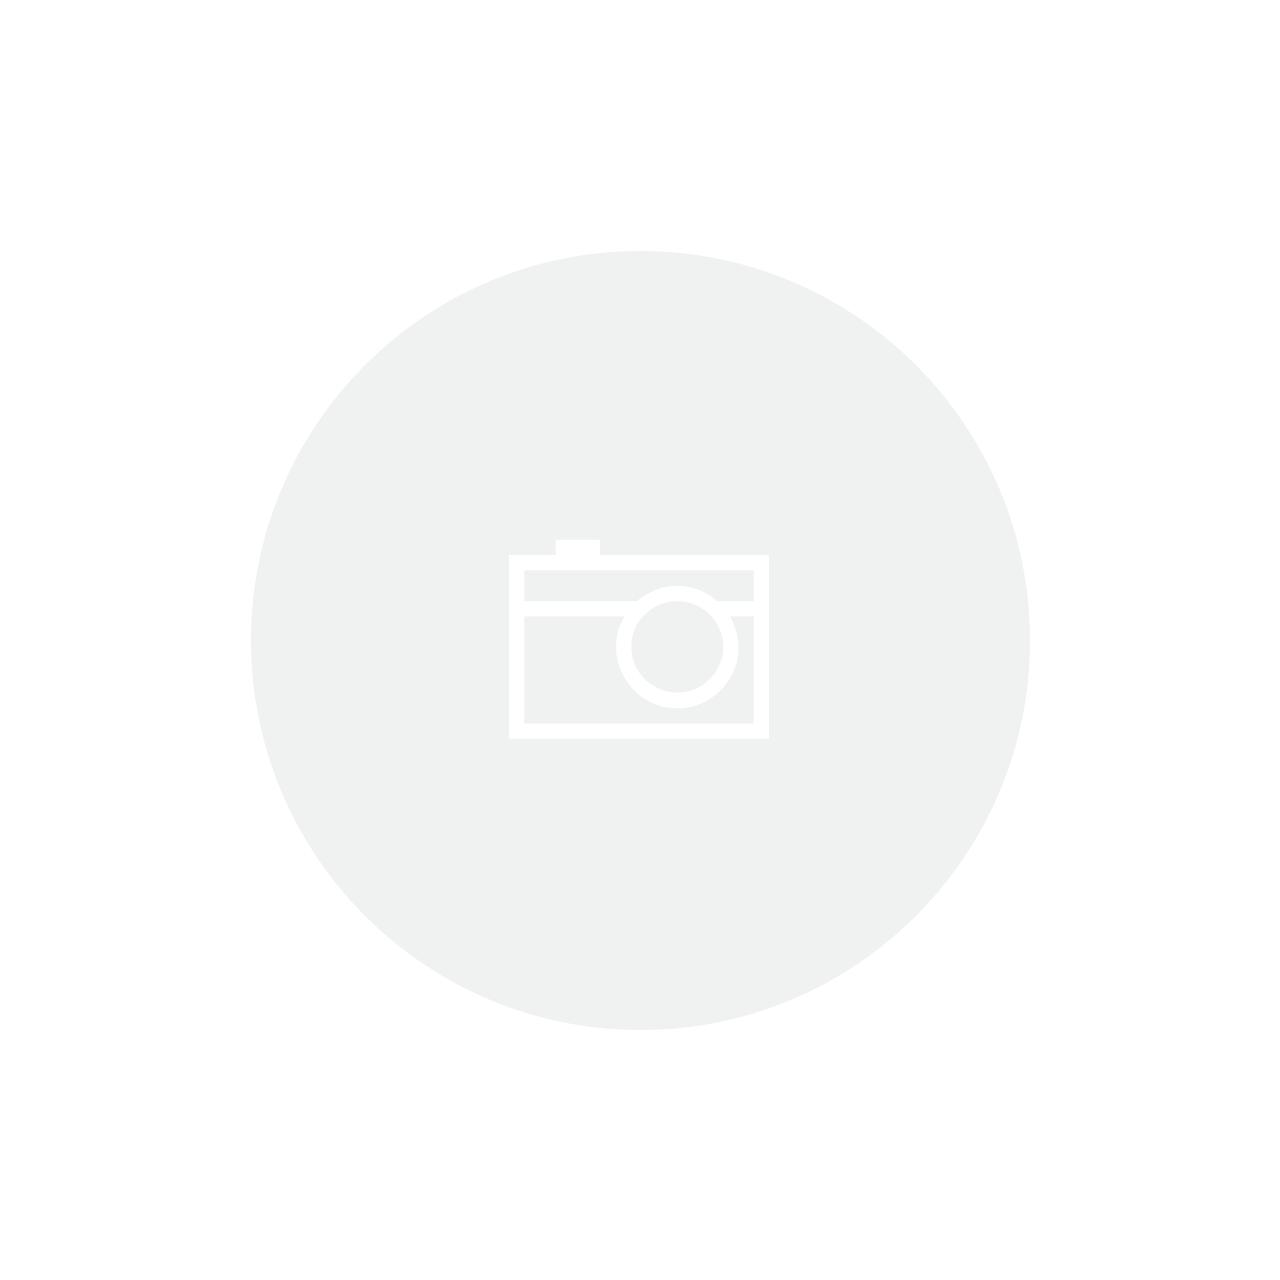 CASSETE 11V SHIMANO M9000 11/40D DEORE XTR